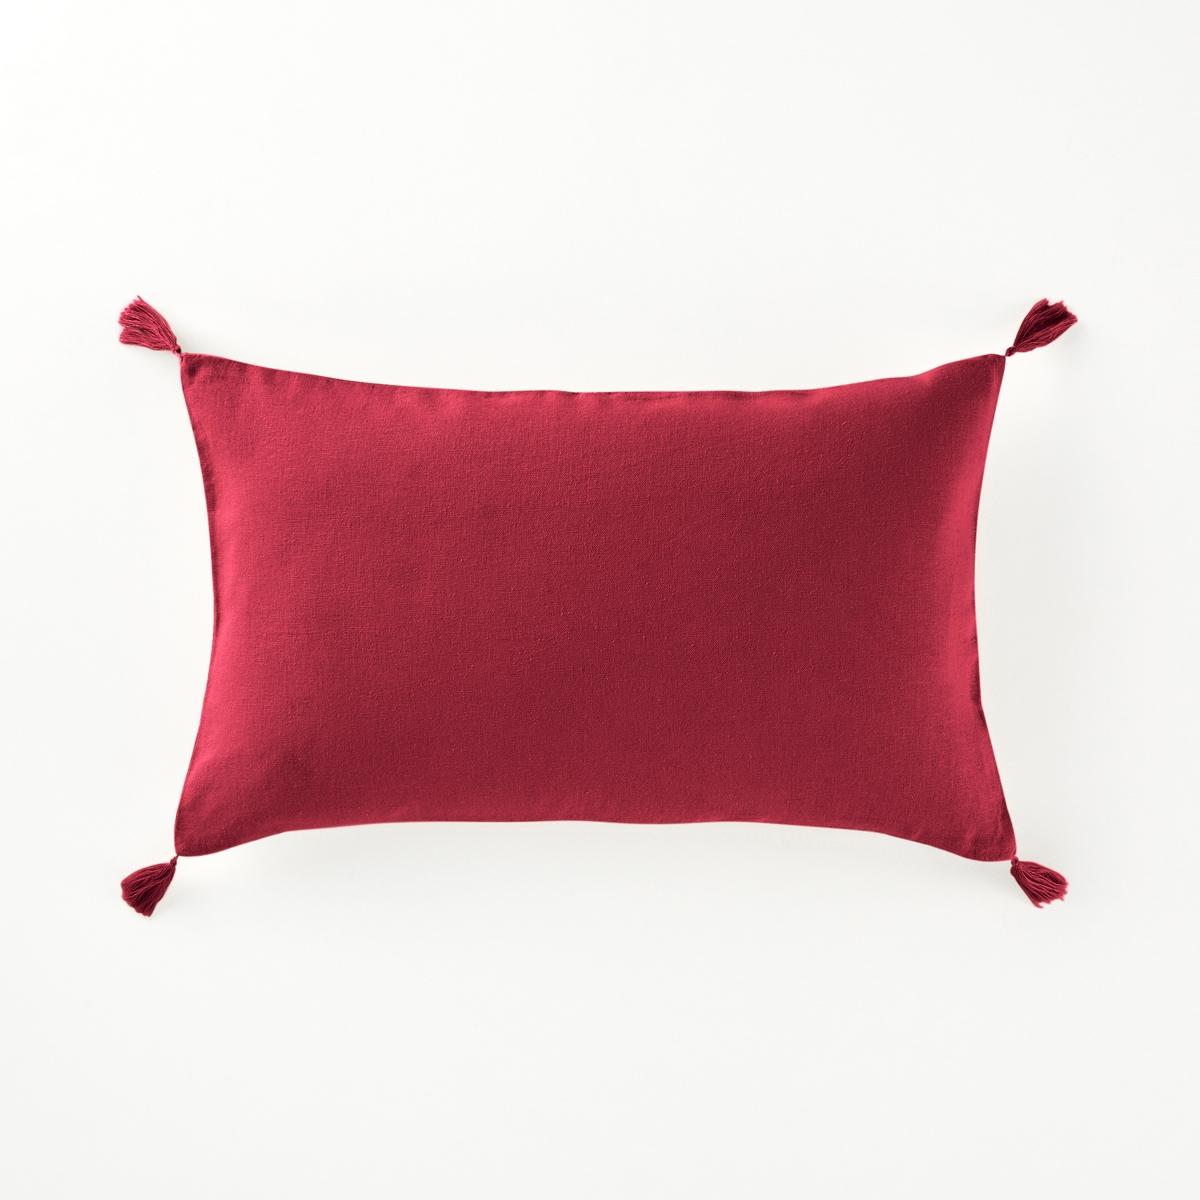 Наволочка на подушку-валик из льна и вискозы, OdorieНаволочка на подушку-валик с кисточками из льна и вискозы,  Odorie, La Redoute Int?rieurs.Наволочка на подушку-валик для ежедневного использования: красивое сочетание льна и вискозы, отделка кисточками. Характеристики чехла для подушки :Материал : 55% льна, 45% вискозыЗастежка на скрытую молнию. Уход : Машинная стирка при 40 °С. Отделка кисточками по 4 углам.Размеры наволочки на подушку-валик :50 x 30 см.    Уход :Следуйте рекомендациям по уходу, указанным на этикетке изделия.  Знак Oeko-Tex® гарантирует, что товары прошли проверку и были изготовлены без применения вредных для здоровья человека веществ.<br><br>Цвет: бежевый,гранатовый,сине-зеленый<br>Размер: 50 x 30 см